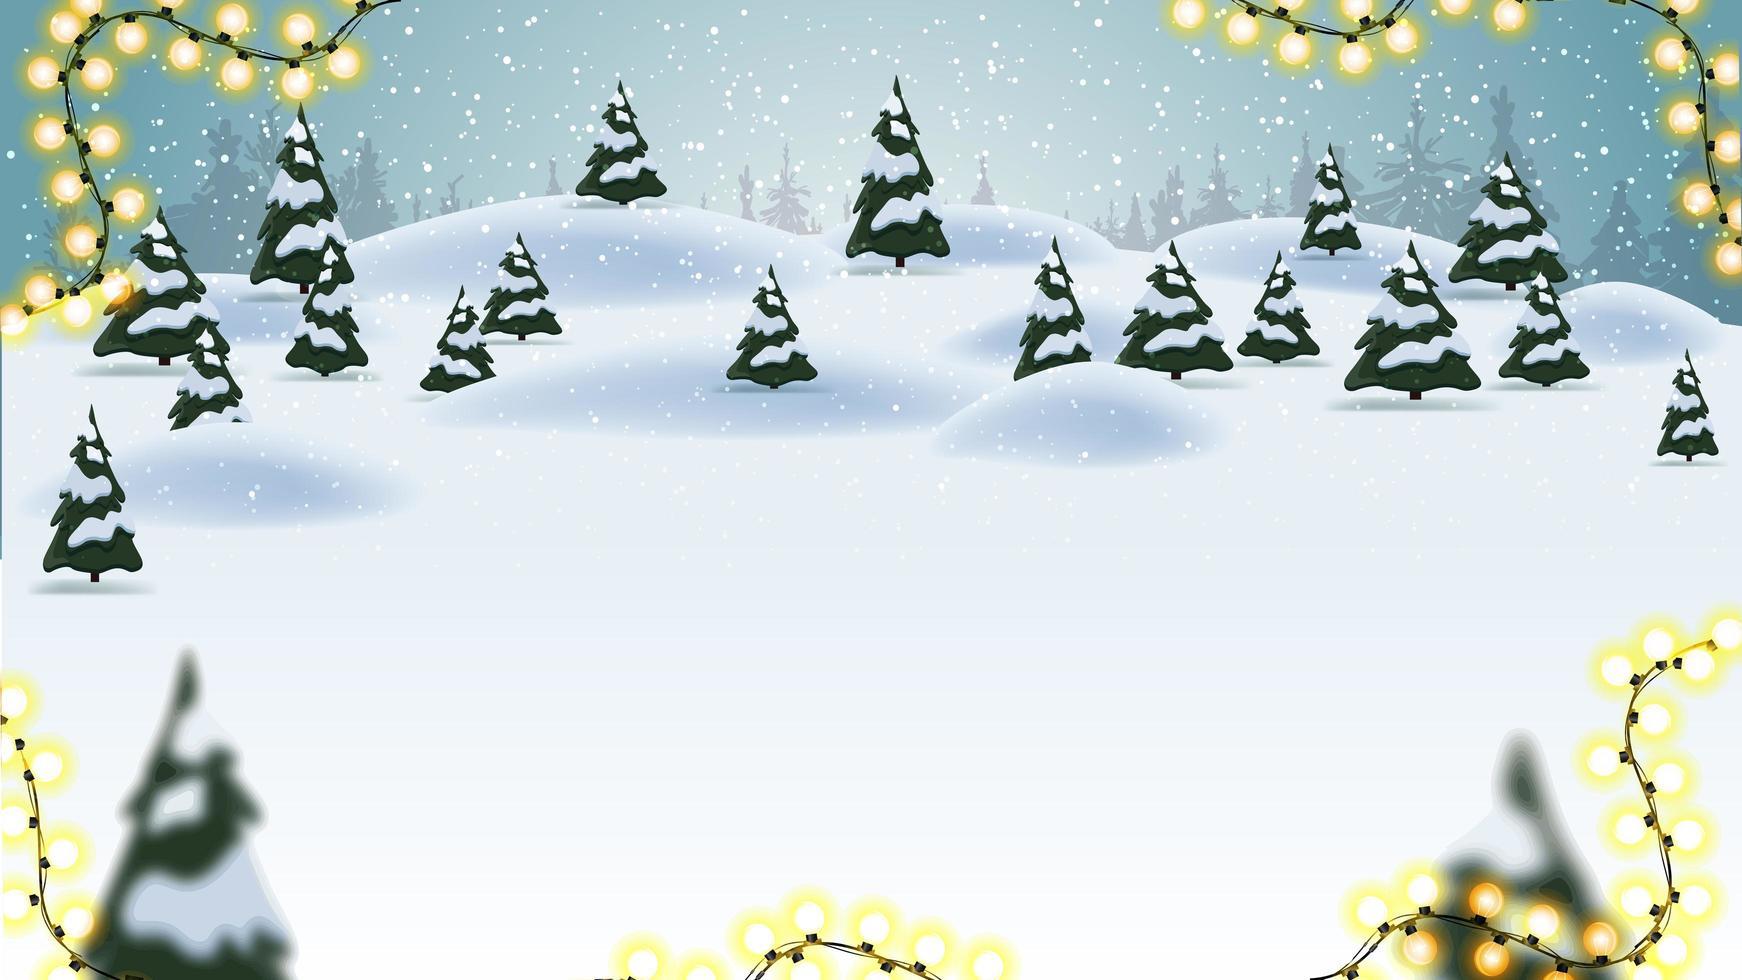 fundo de Natal, paisagem de desenho animado, floresta com nevascas e pequenos pinheiros. vetor